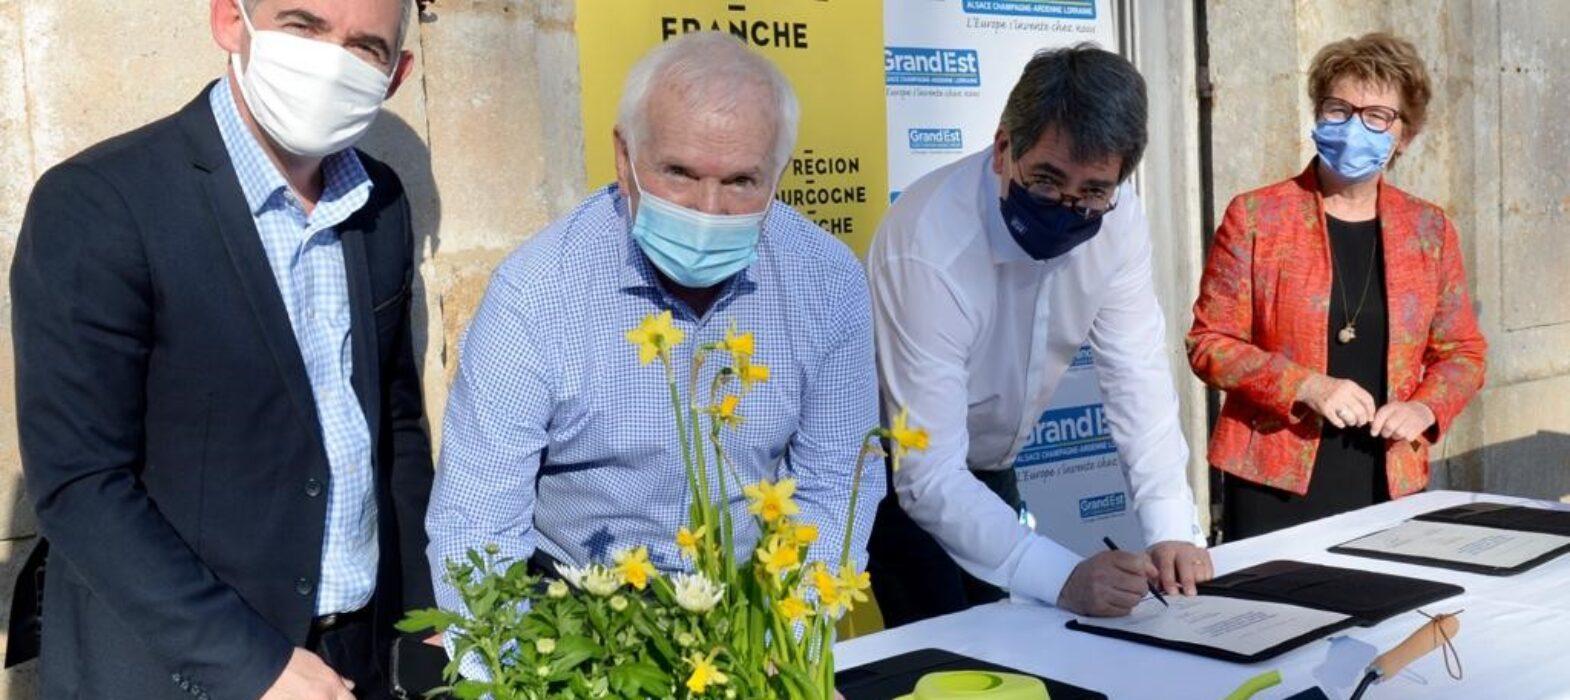 signature de la Convention de partenariat 2020-2027 Biodiversité